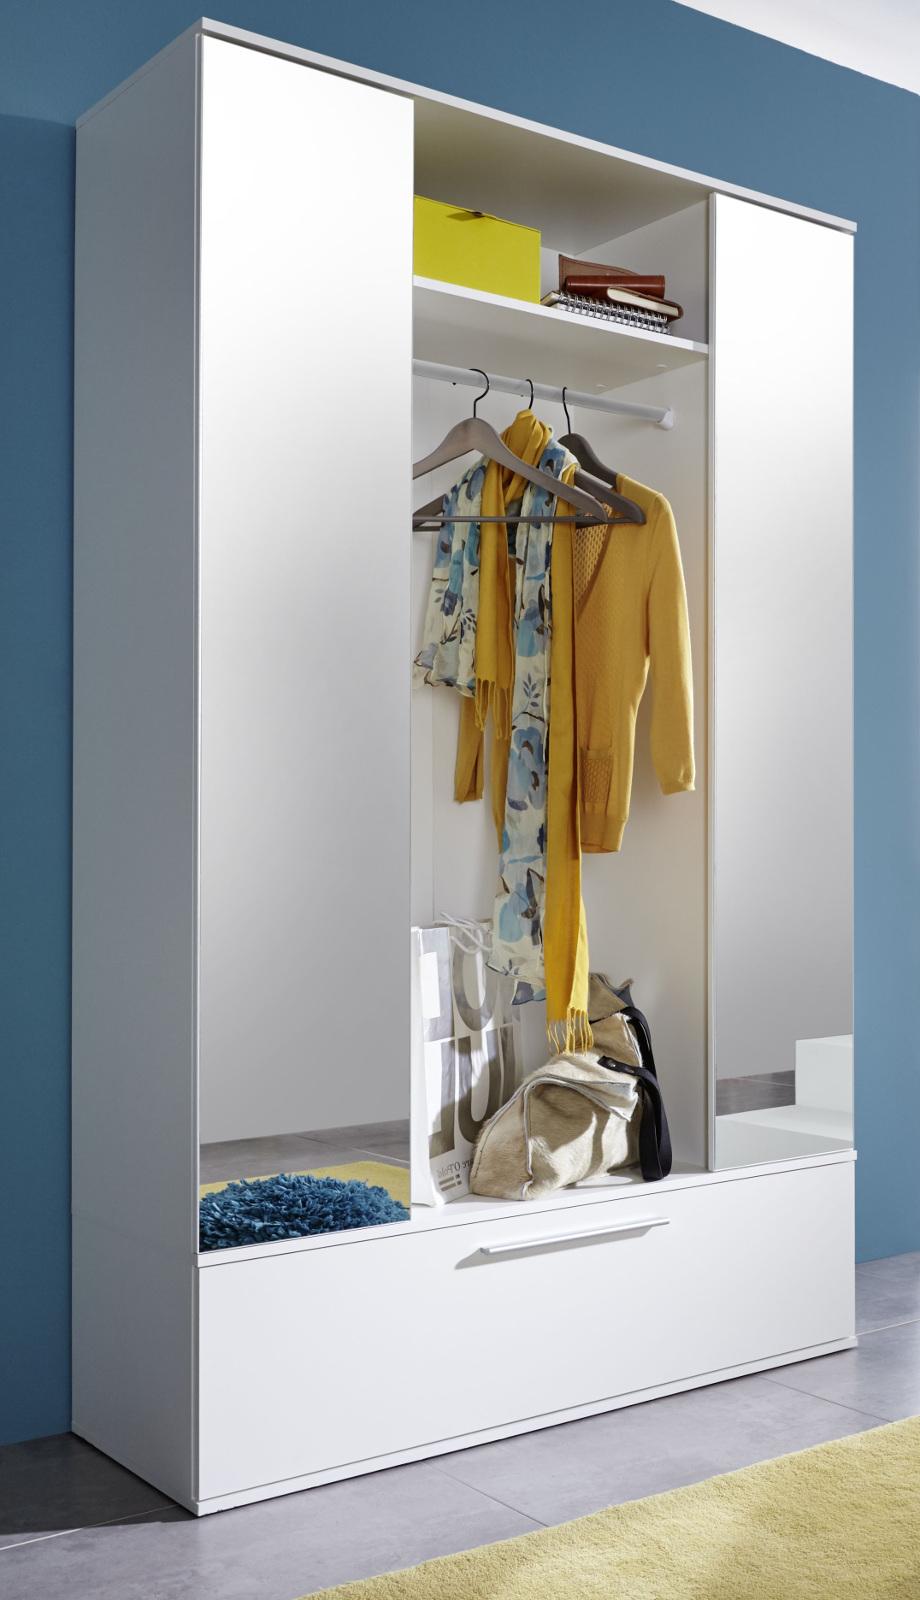 schrank modern flur. Black Bedroom Furniture Sets. Home Design Ideas